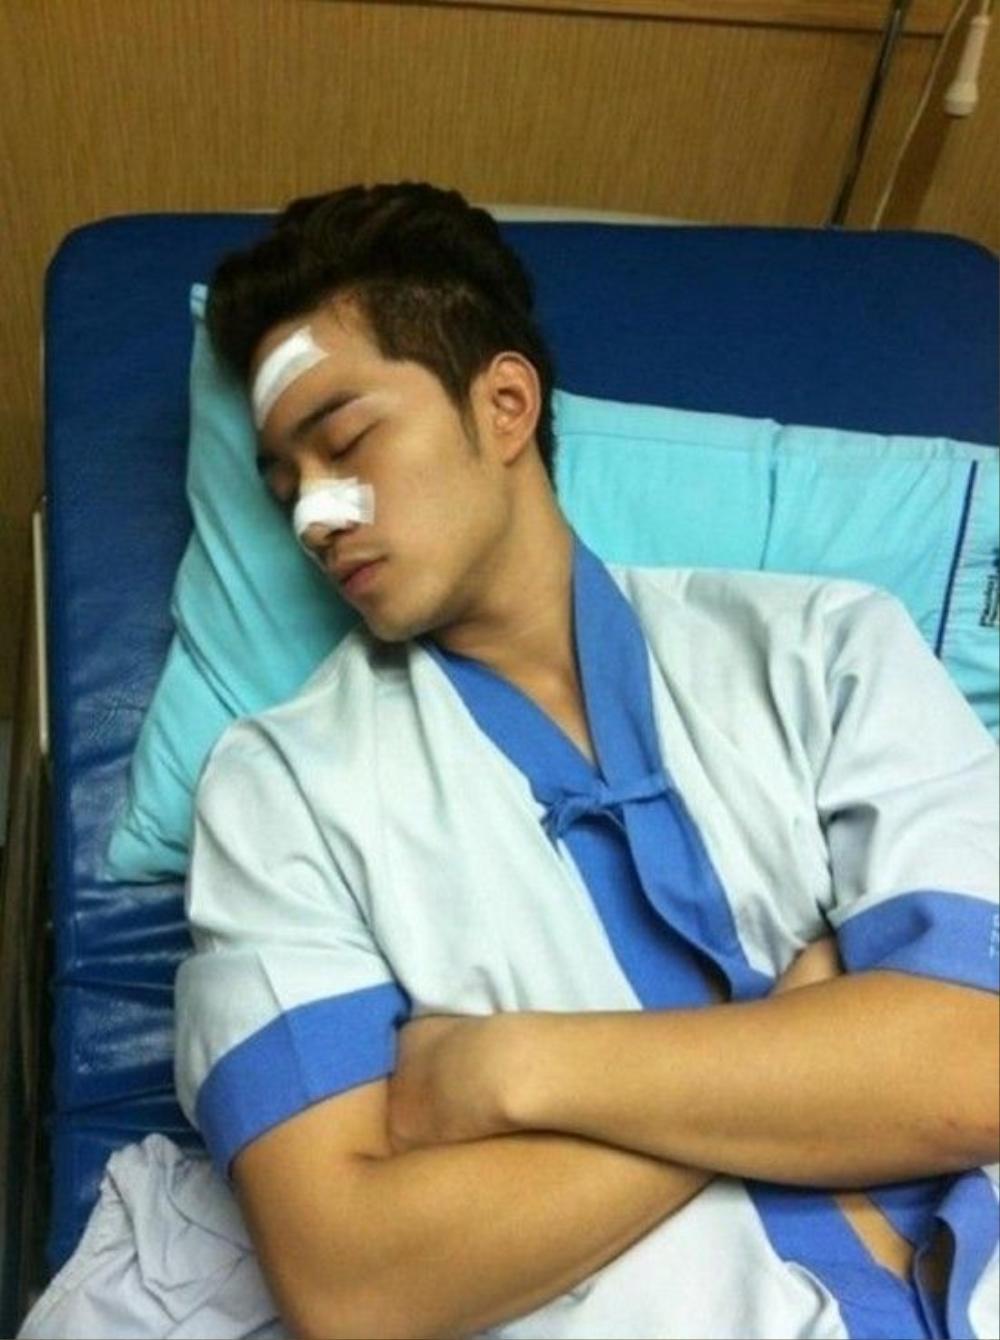 Nam diễn viên từng bị cướp tấn công đến gãy mũi.